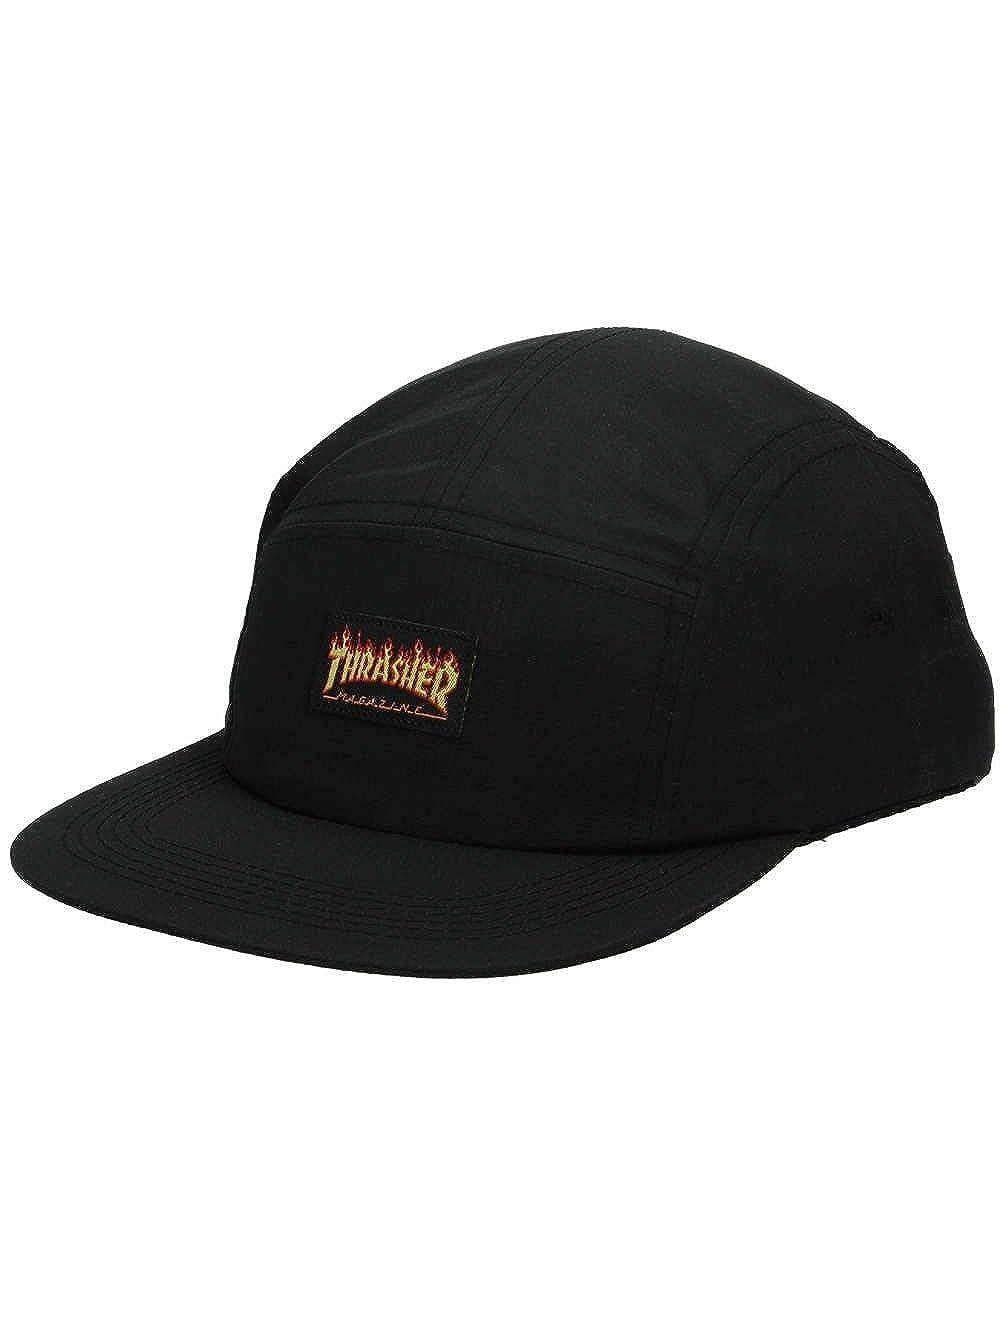 Thrasher Flame Logo black 5 Panel Cap  Amazon.co.uk  Clothing 406cef76991